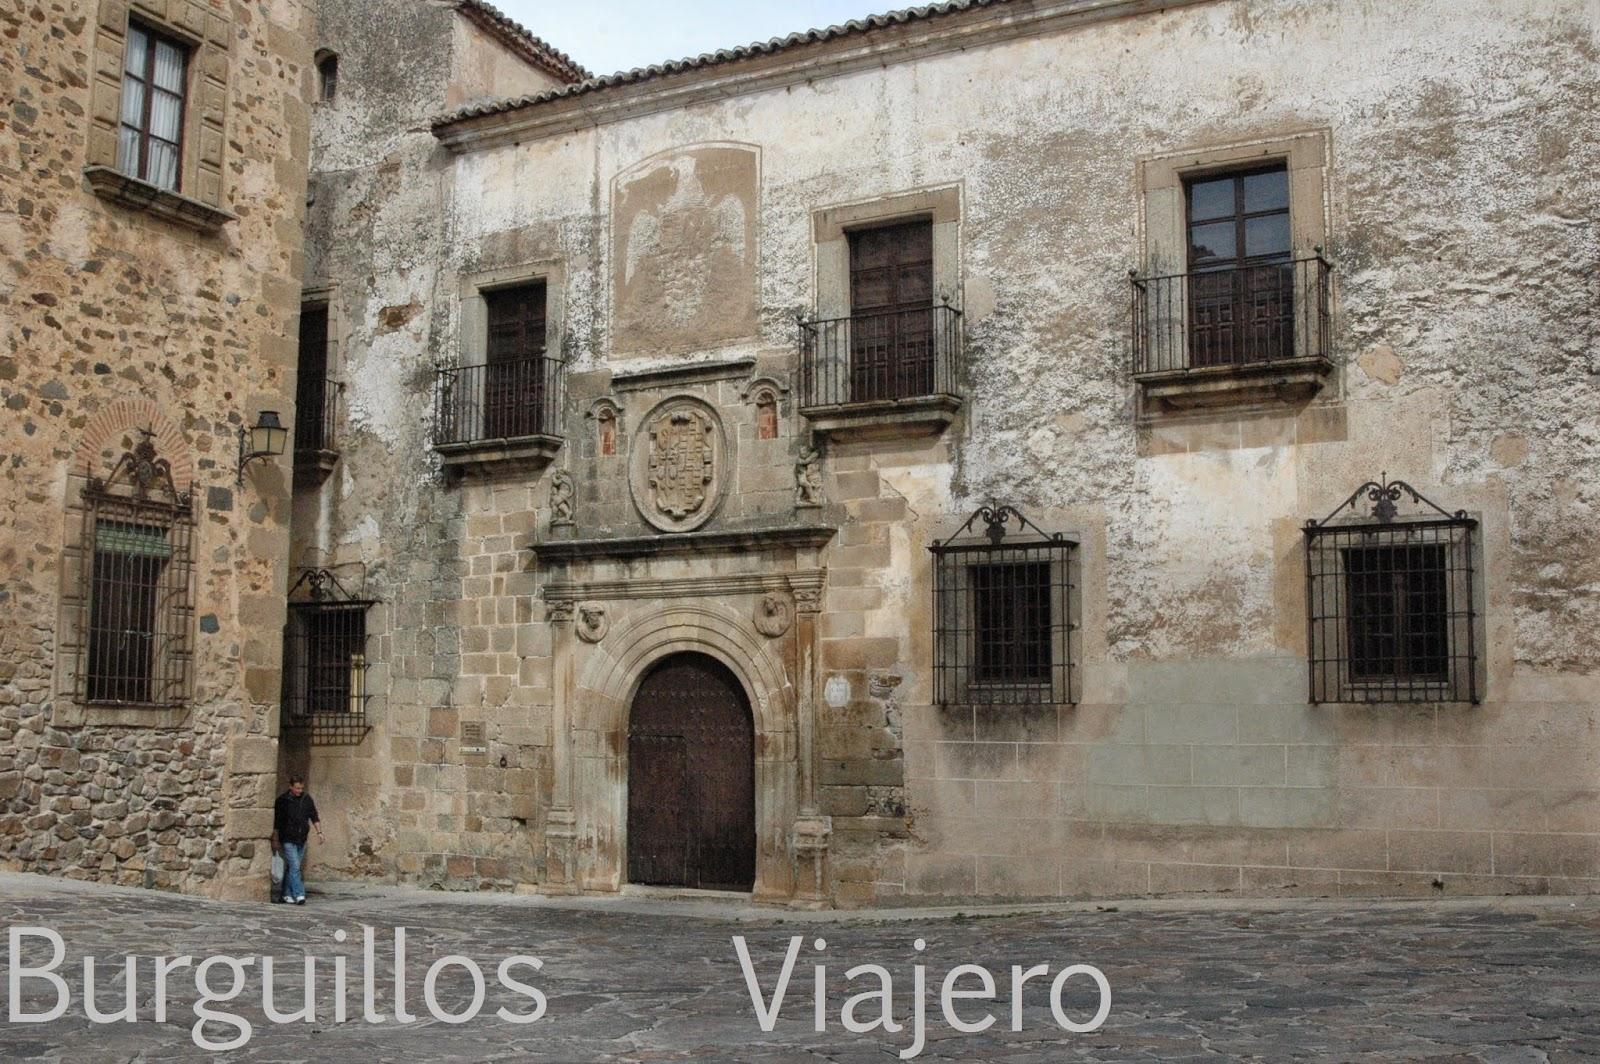 Burguillos viajero ii 925 c ceres iv capital 2 de for Muebles en caceres capital